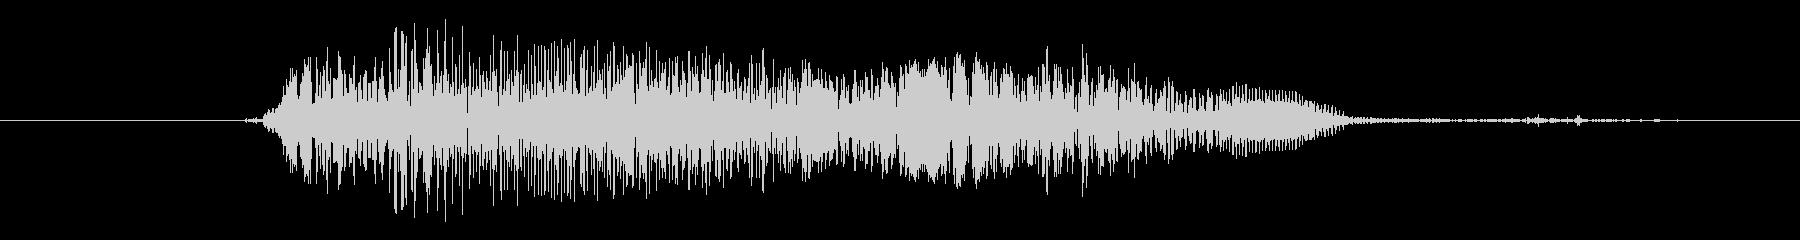 犬 樹皮の大声で01の未再生の波形